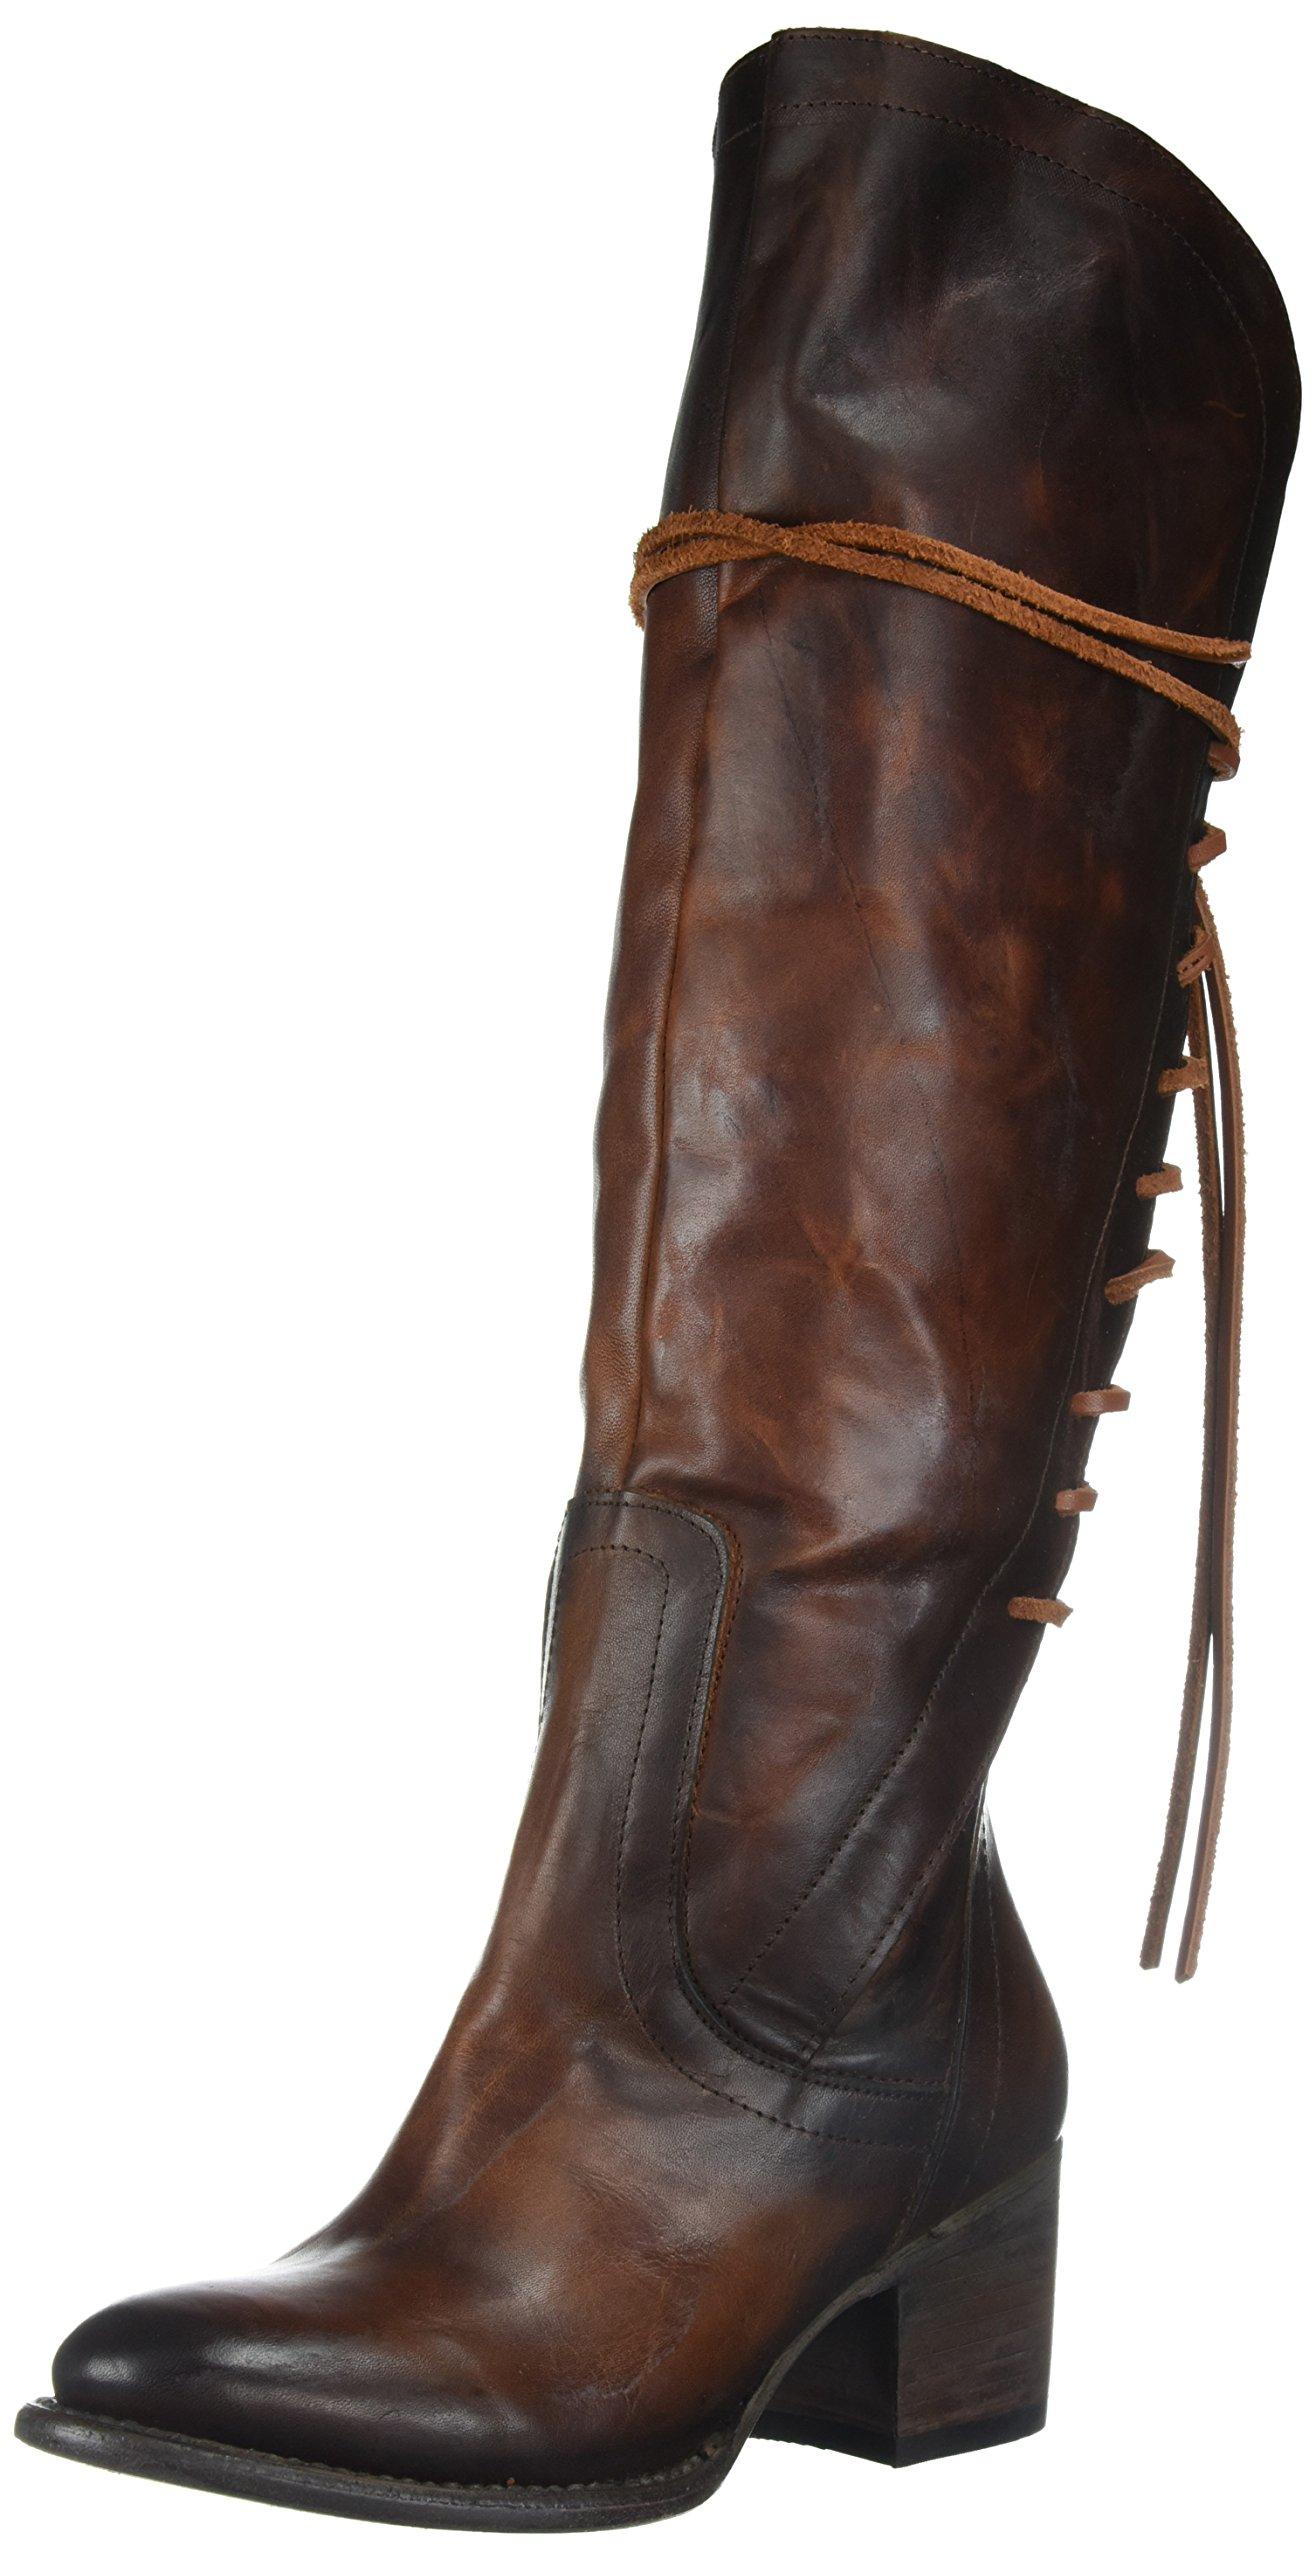 Freebird Women's Fb-Cosmo Knee High Boot, Cognac, 8 M US